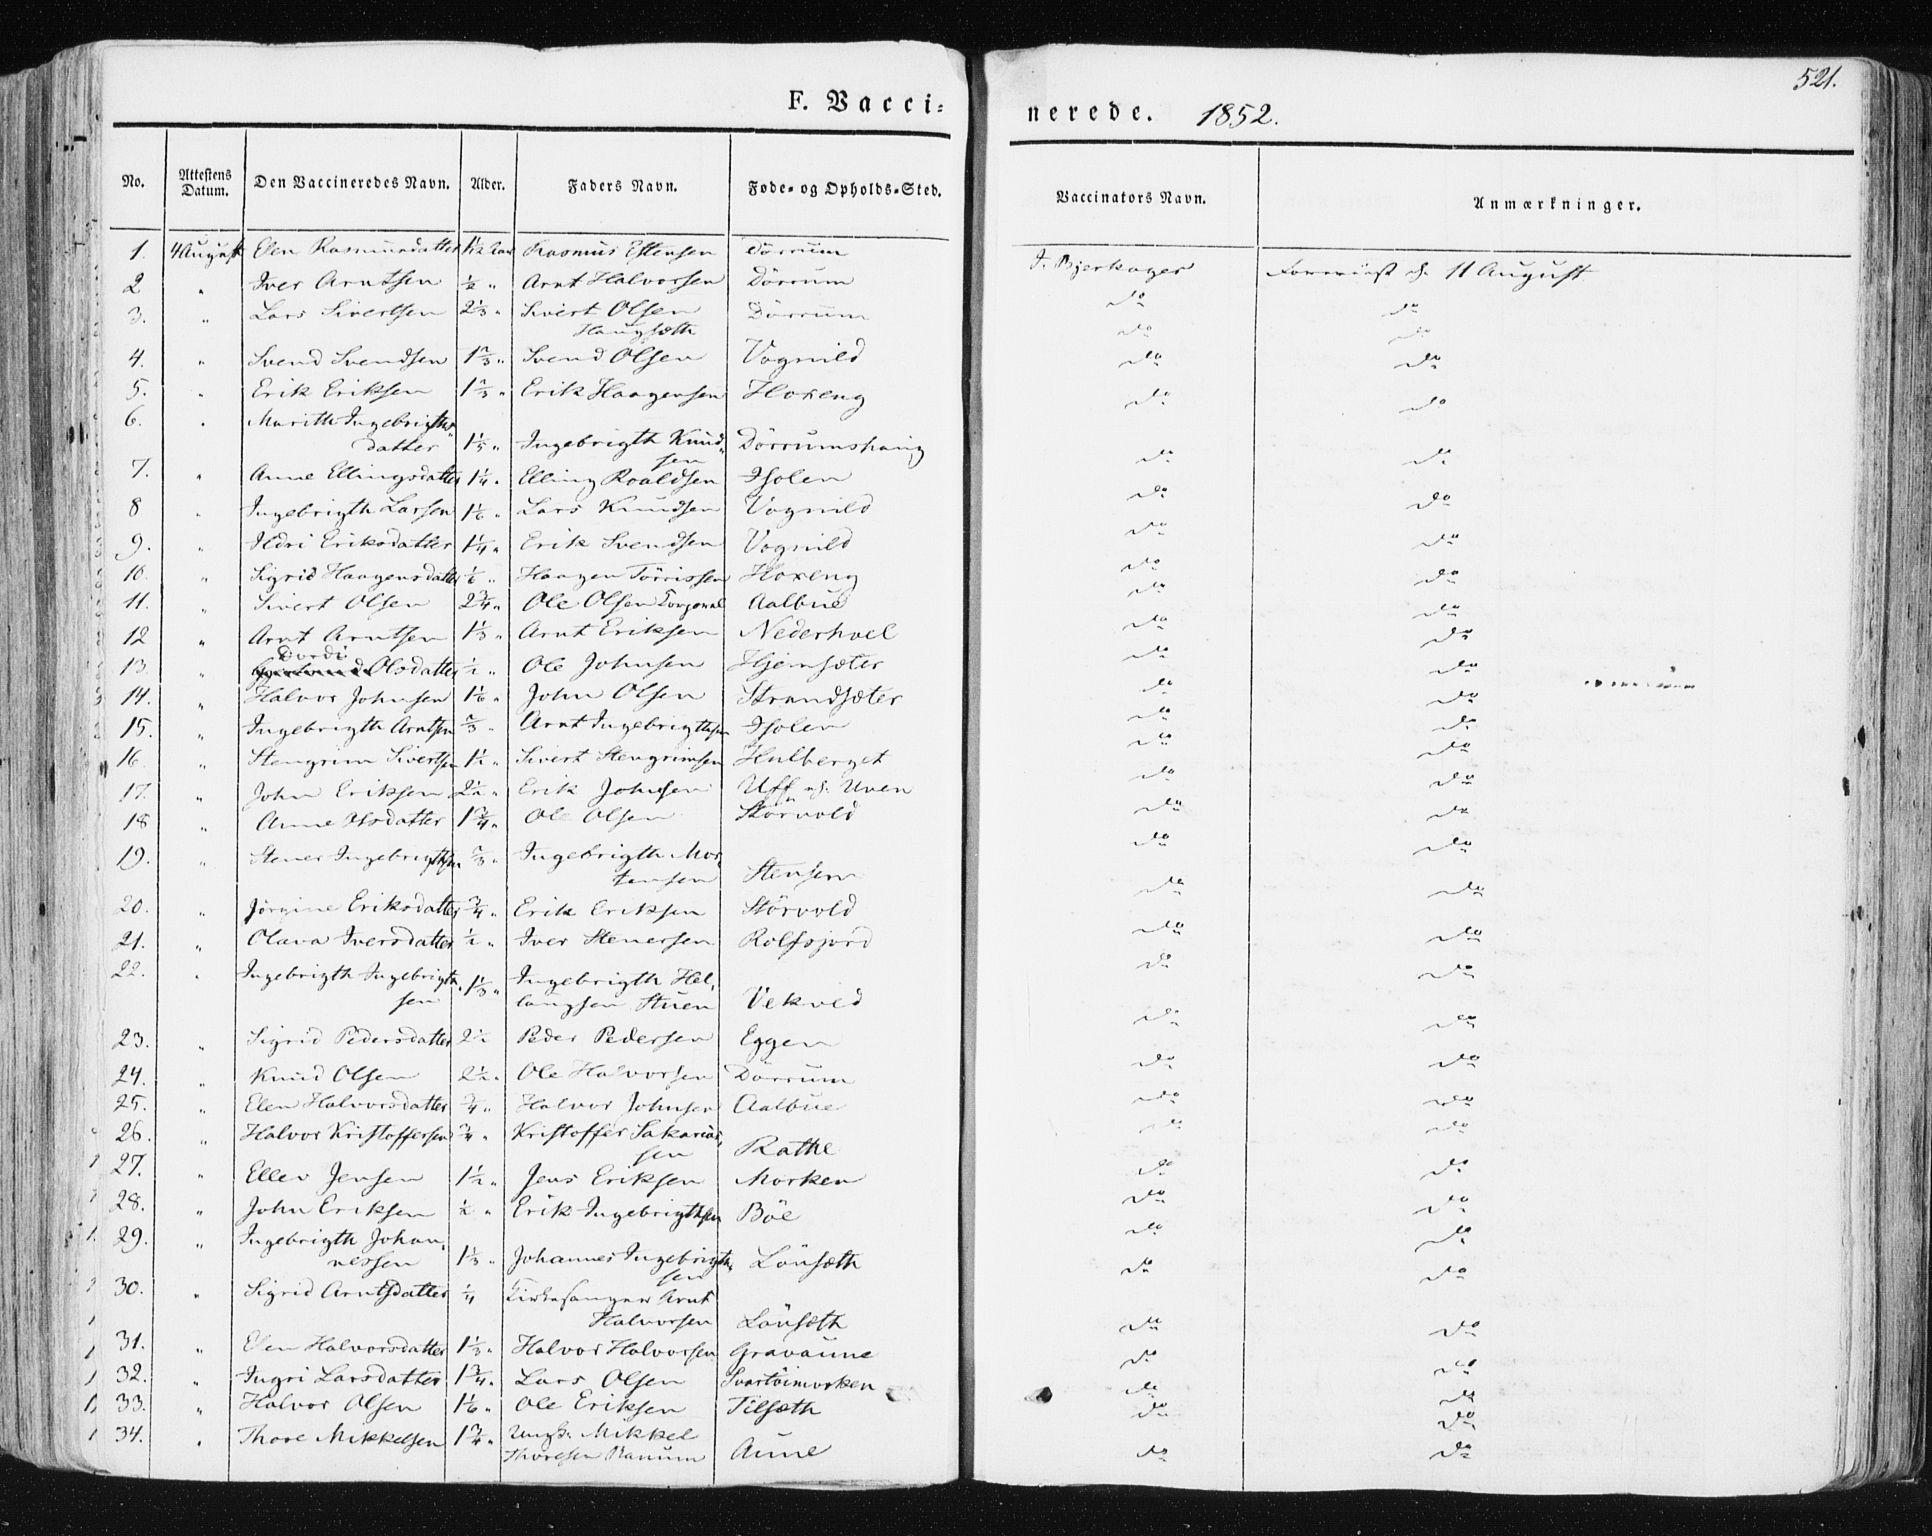 SAT, Ministerialprotokoller, klokkerbøker og fødselsregistre - Sør-Trøndelag, 678/L0899: Ministerialbok nr. 678A08, 1848-1872, s. 521